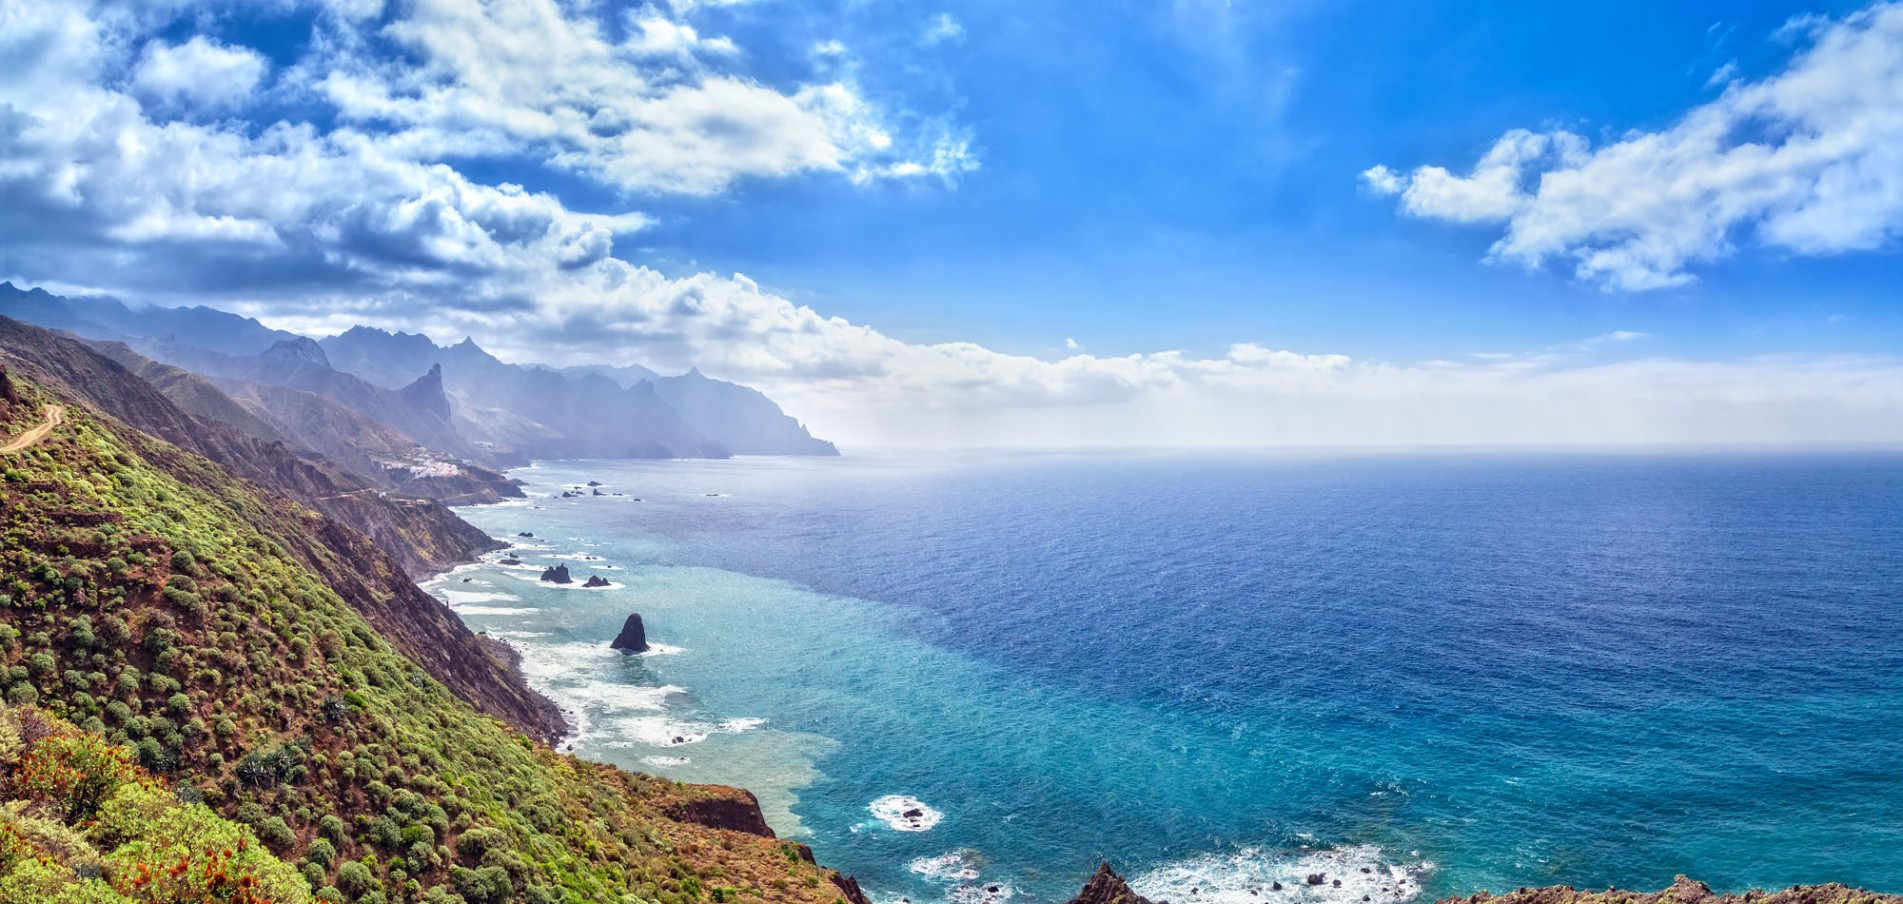 Willkommen auf Teneriffa ... auf der Insel des ewigen Frühlings!